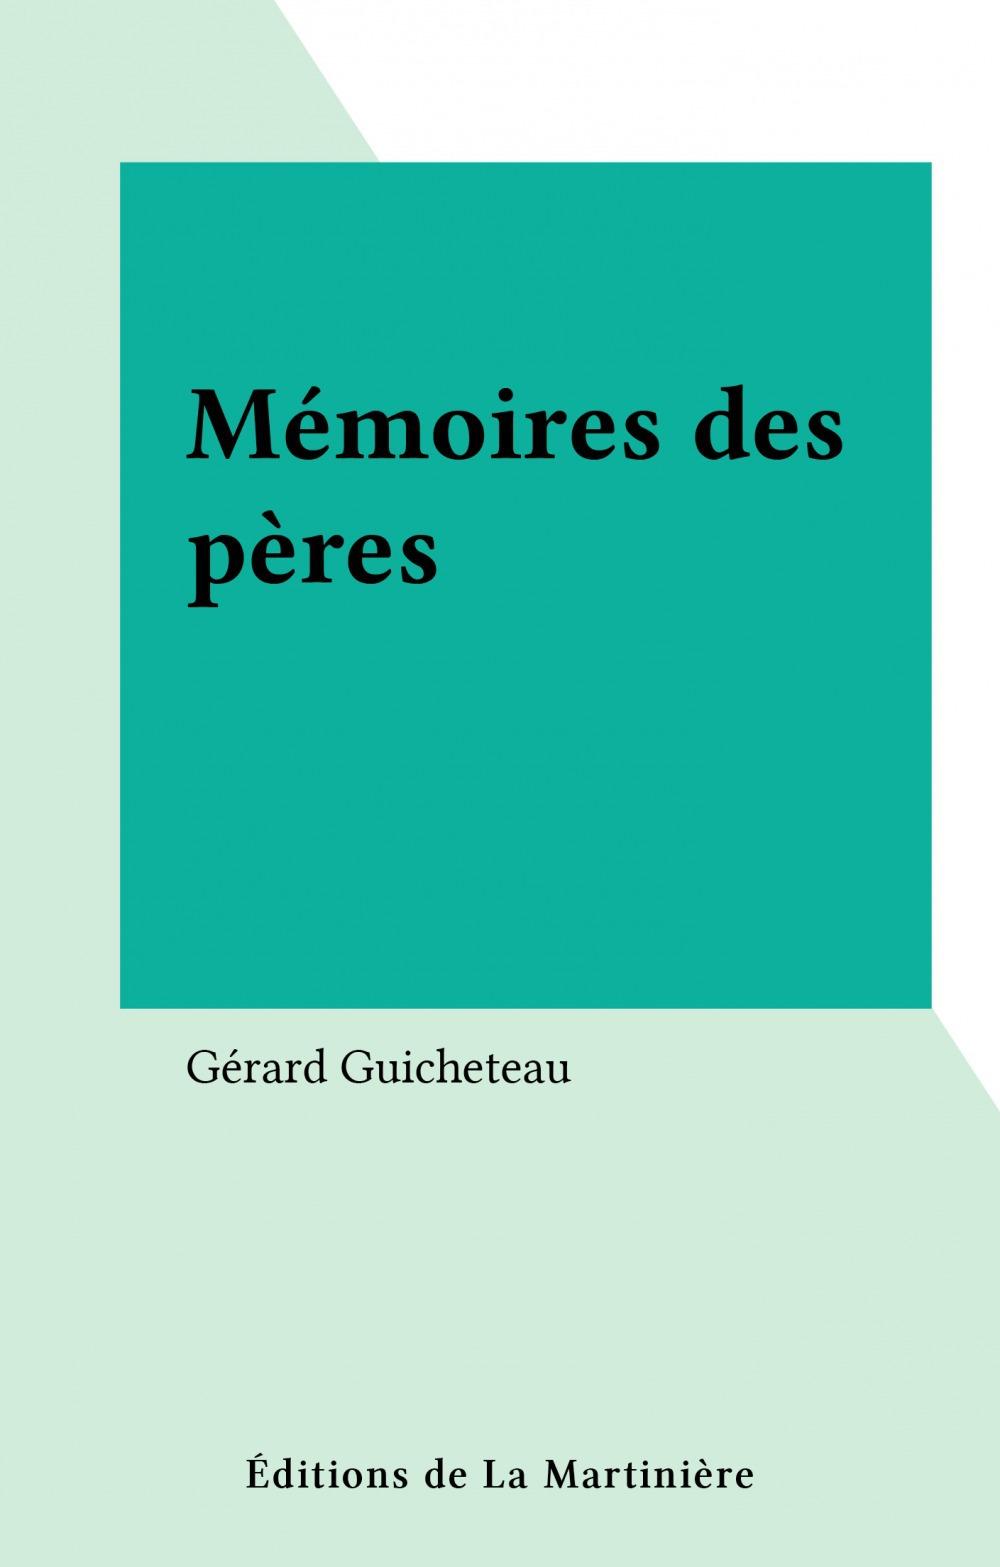 Memoires des peres